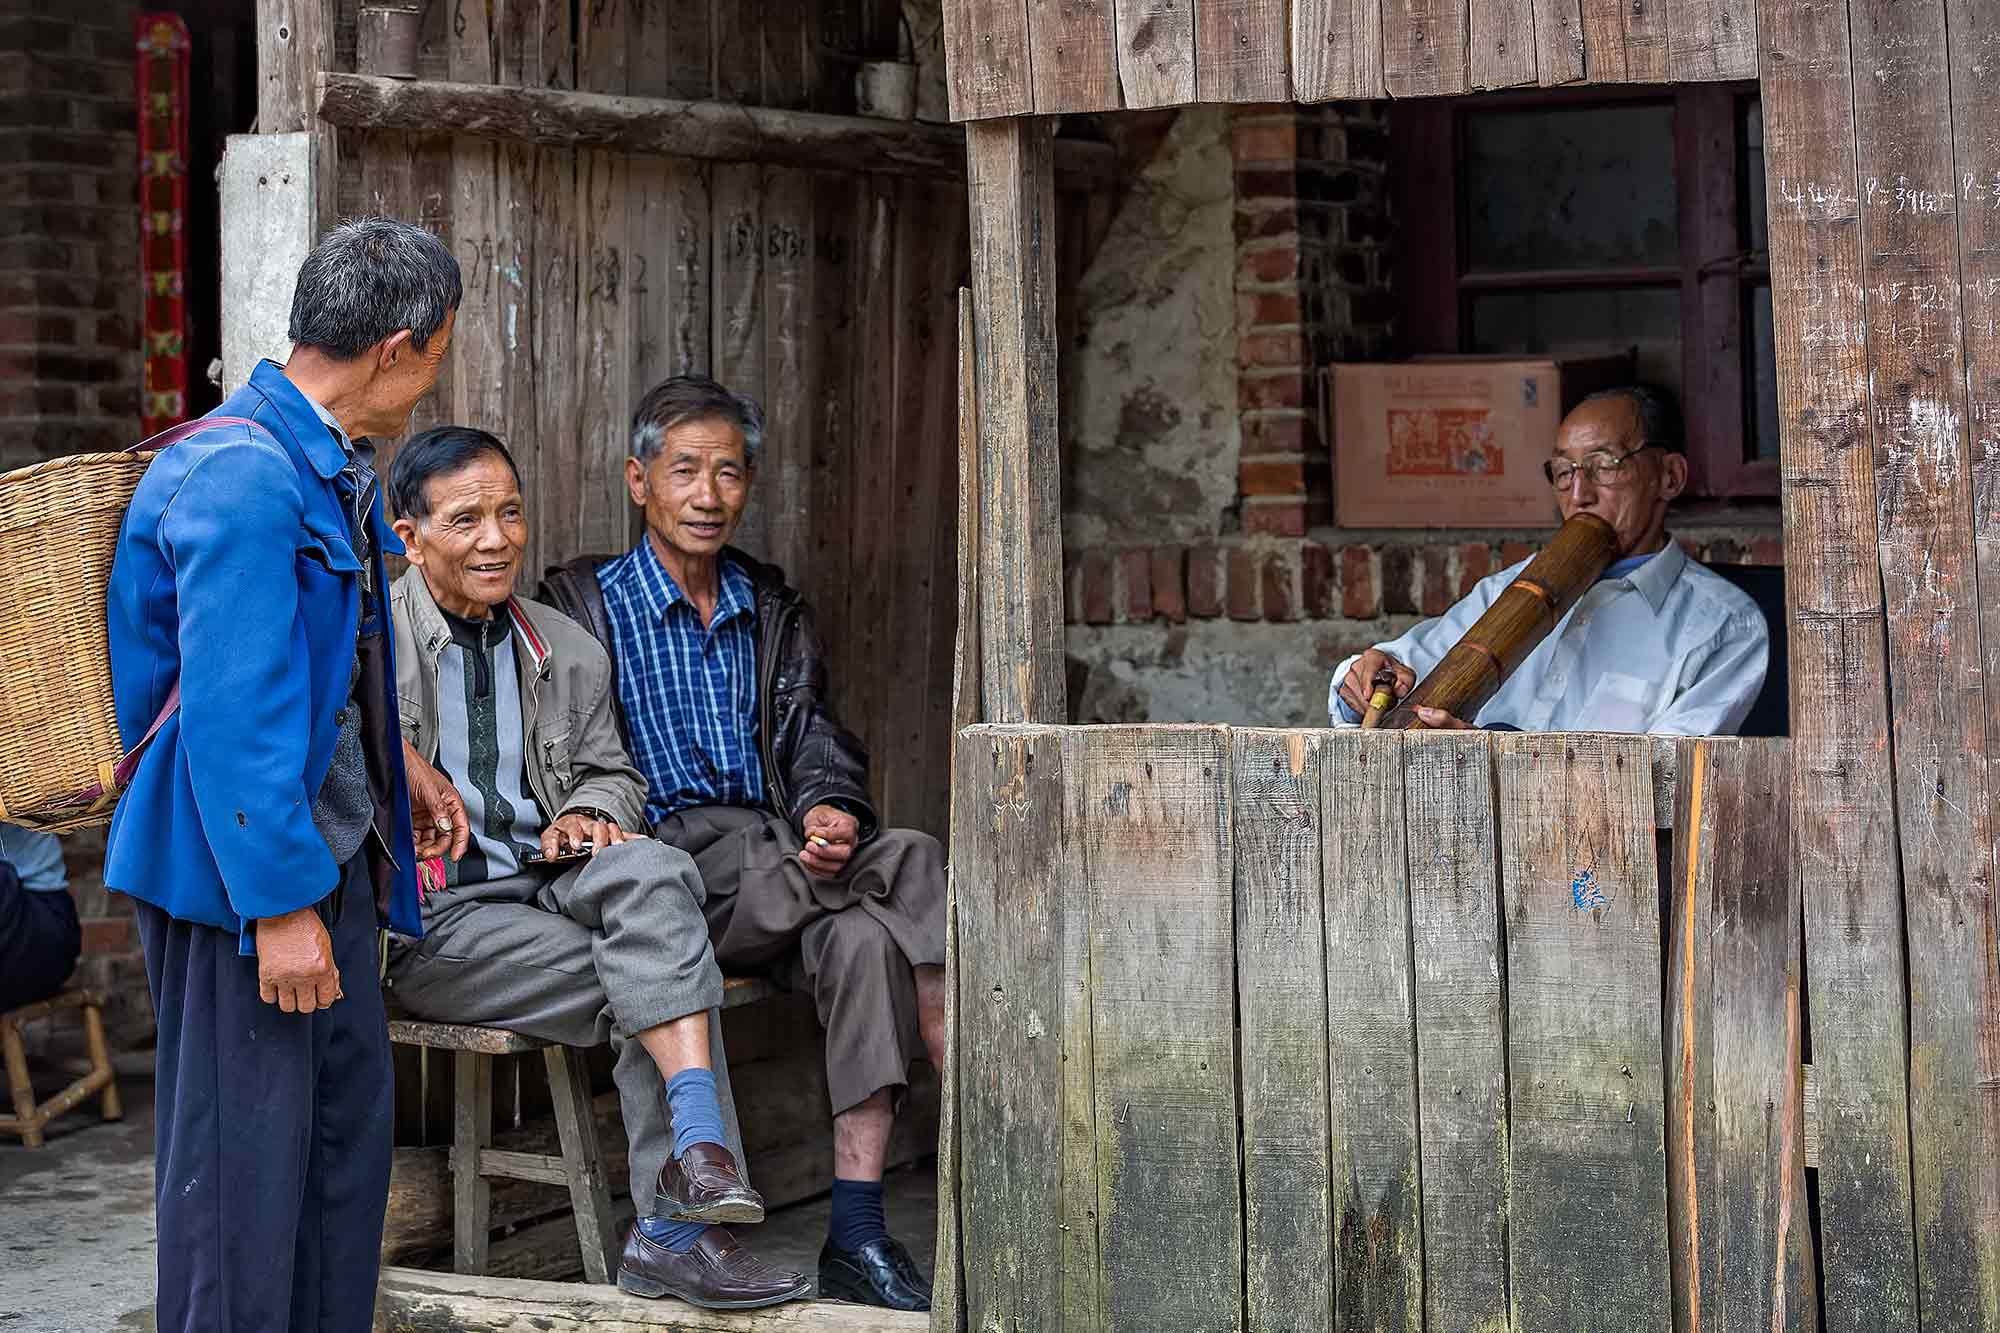 Men smoking a pipe in Xinjie, Yunnan. © Ulli Maier & Nisa Maier